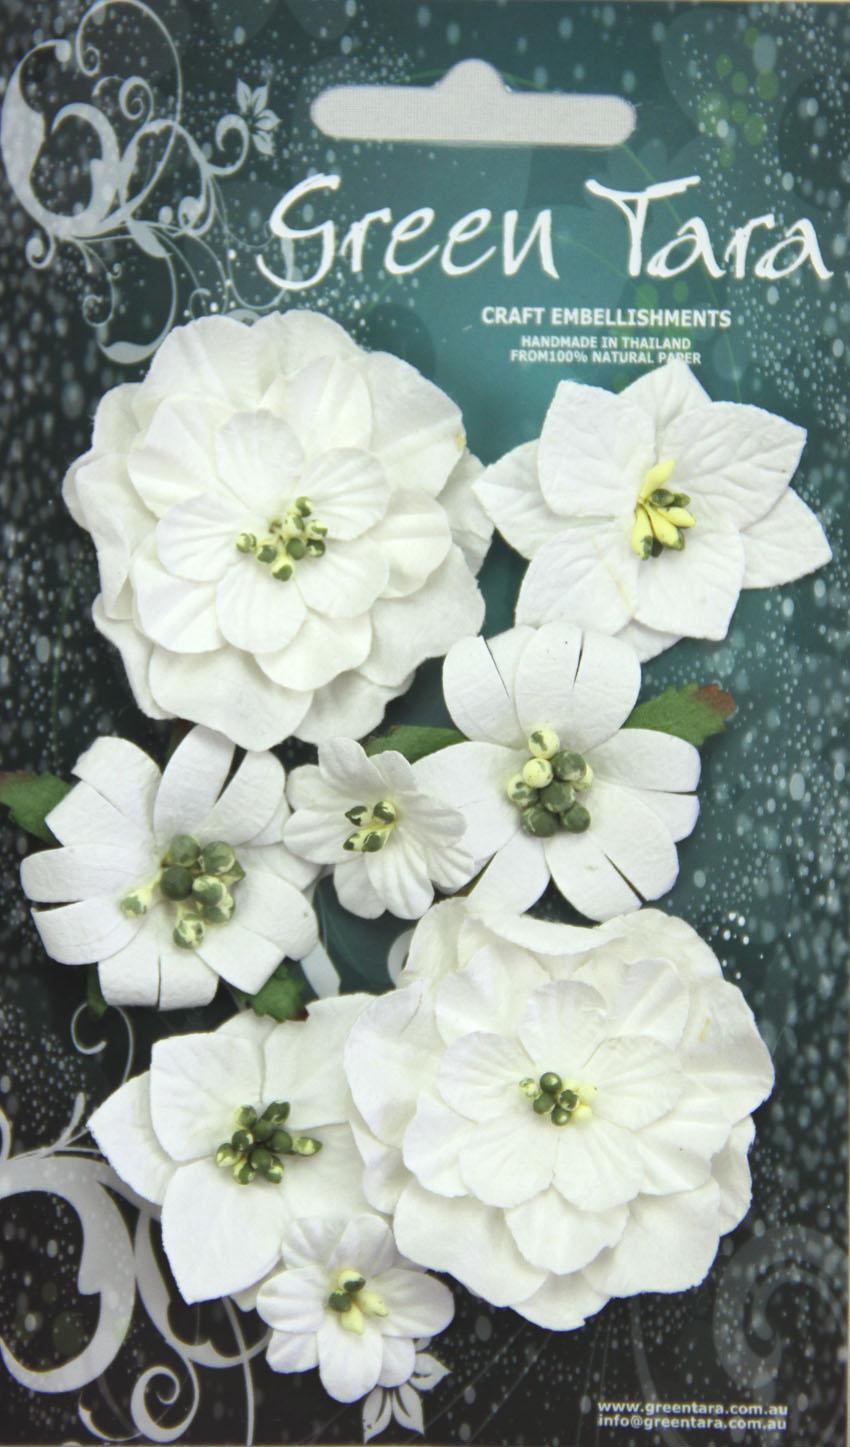 Green Tara - Fantasy Blooms - White